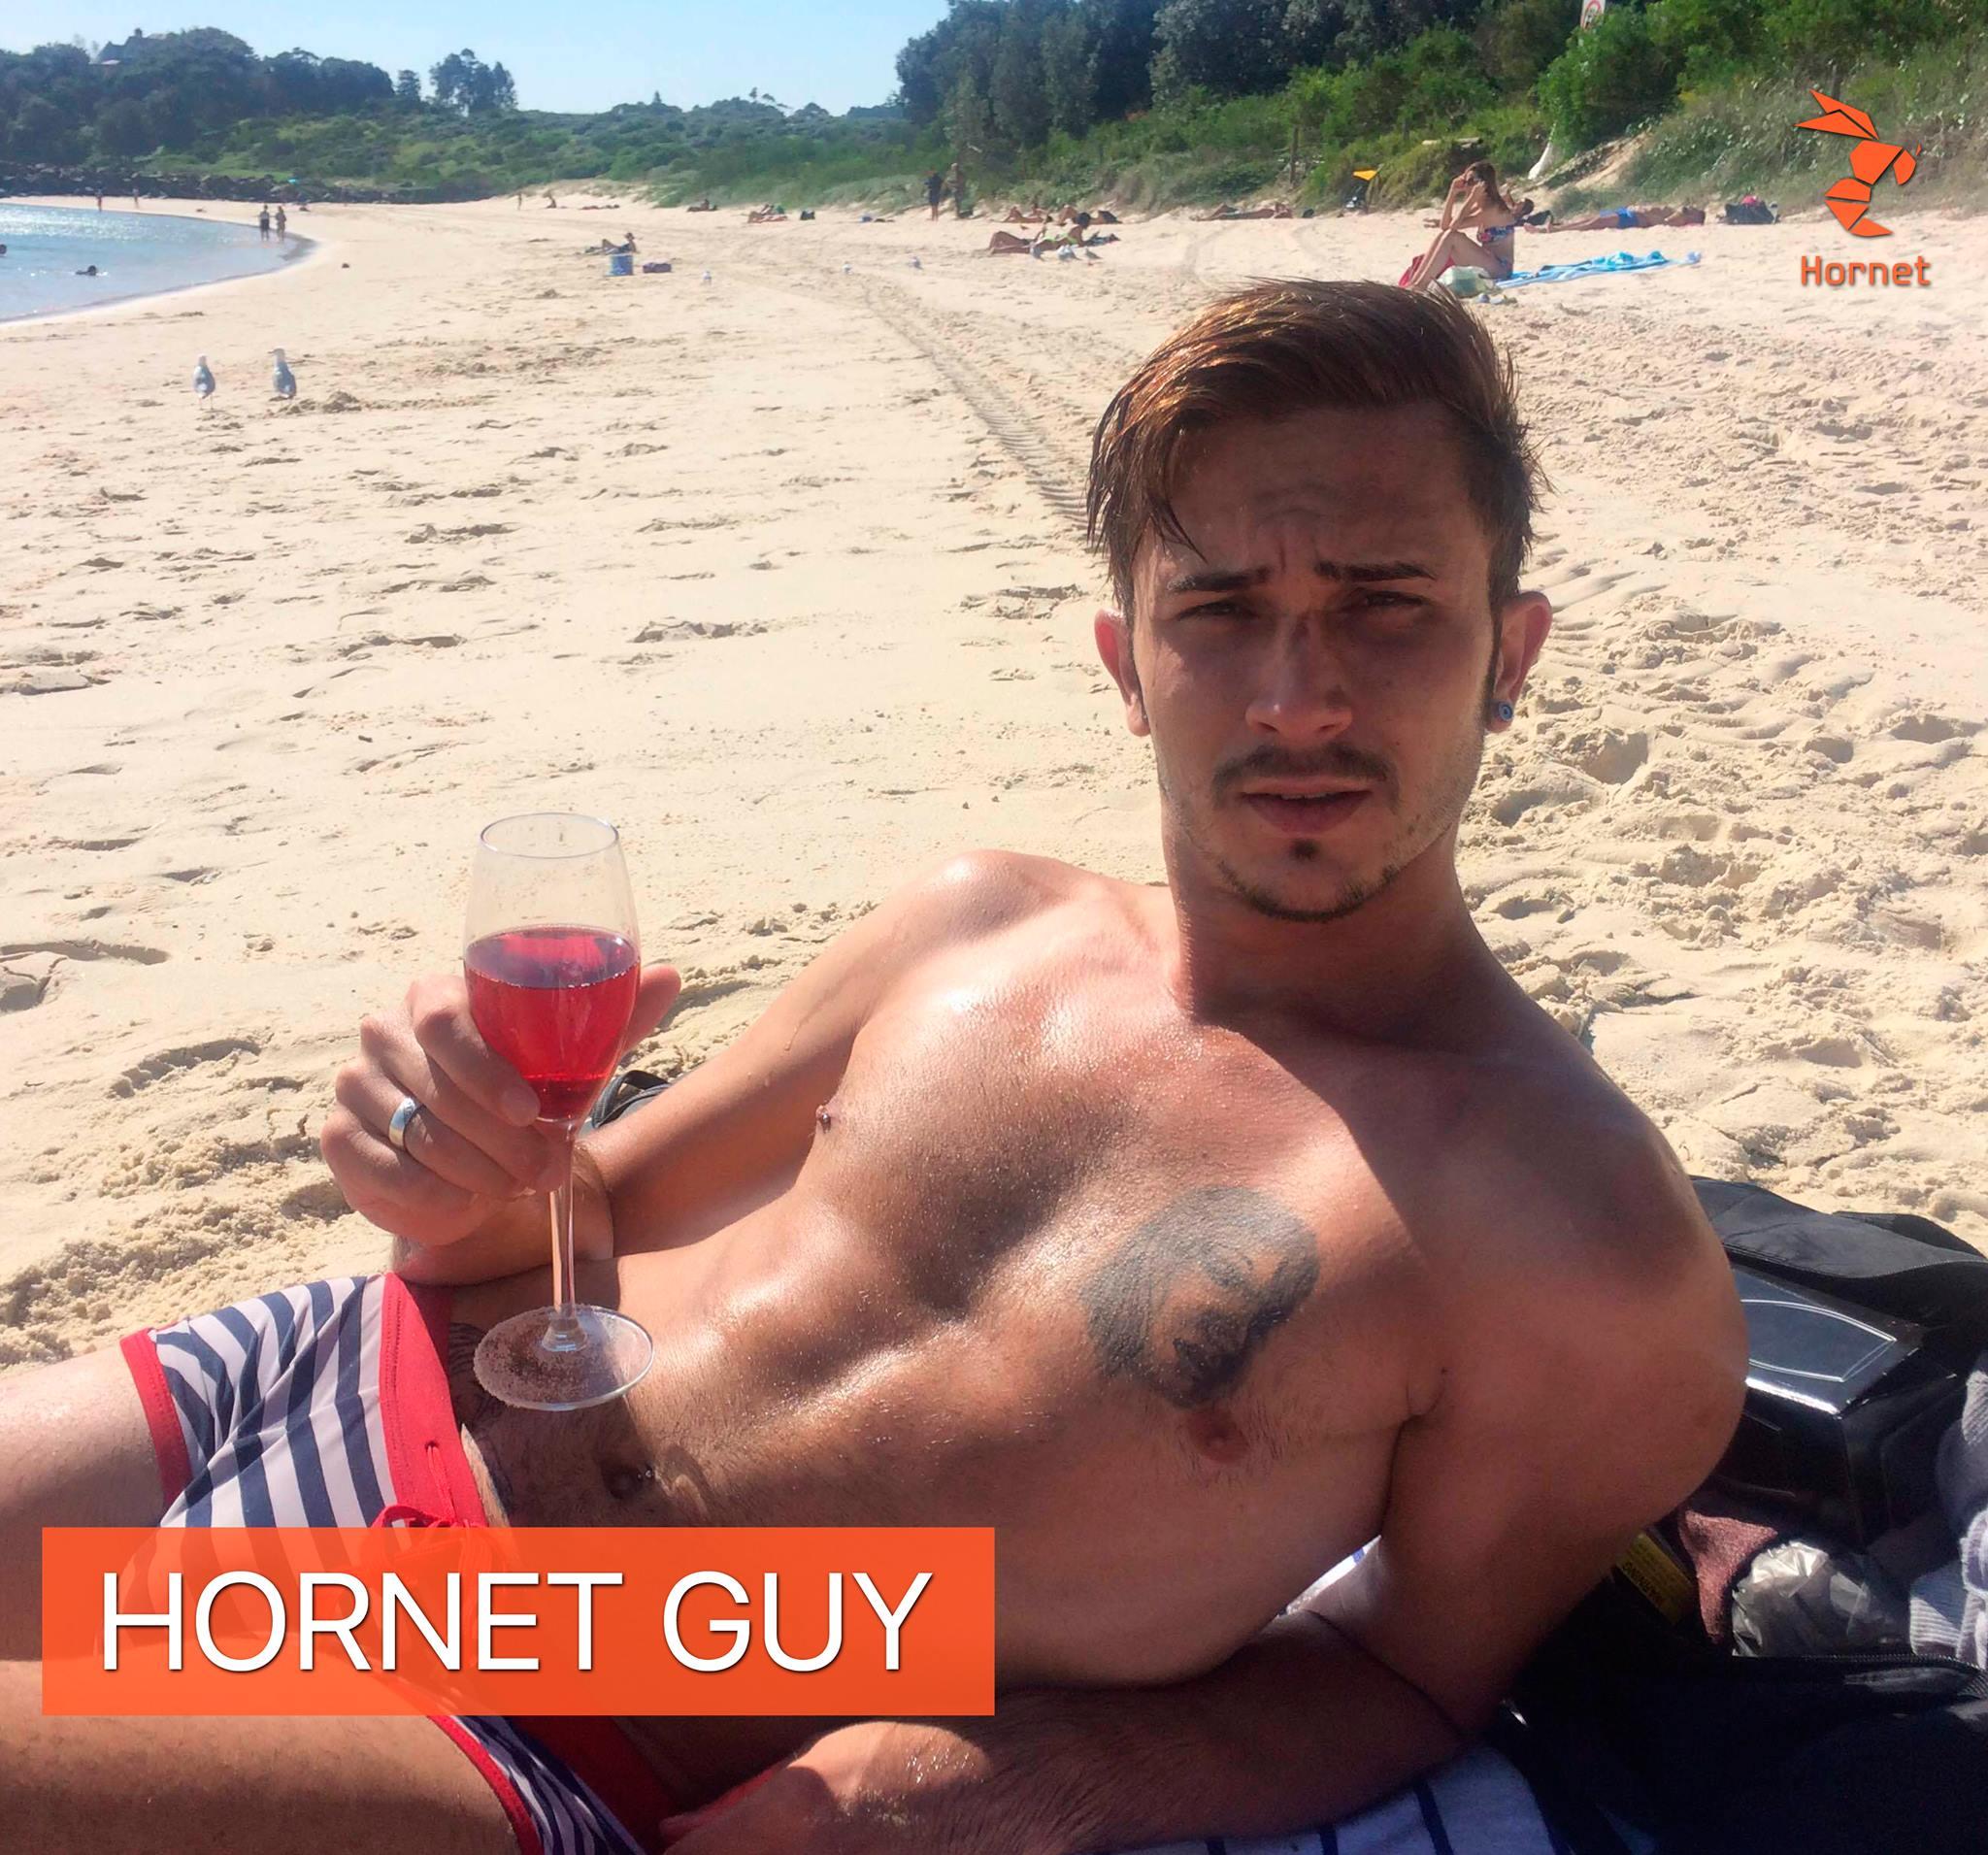 HornetGuys, Hornet Sexy Guys